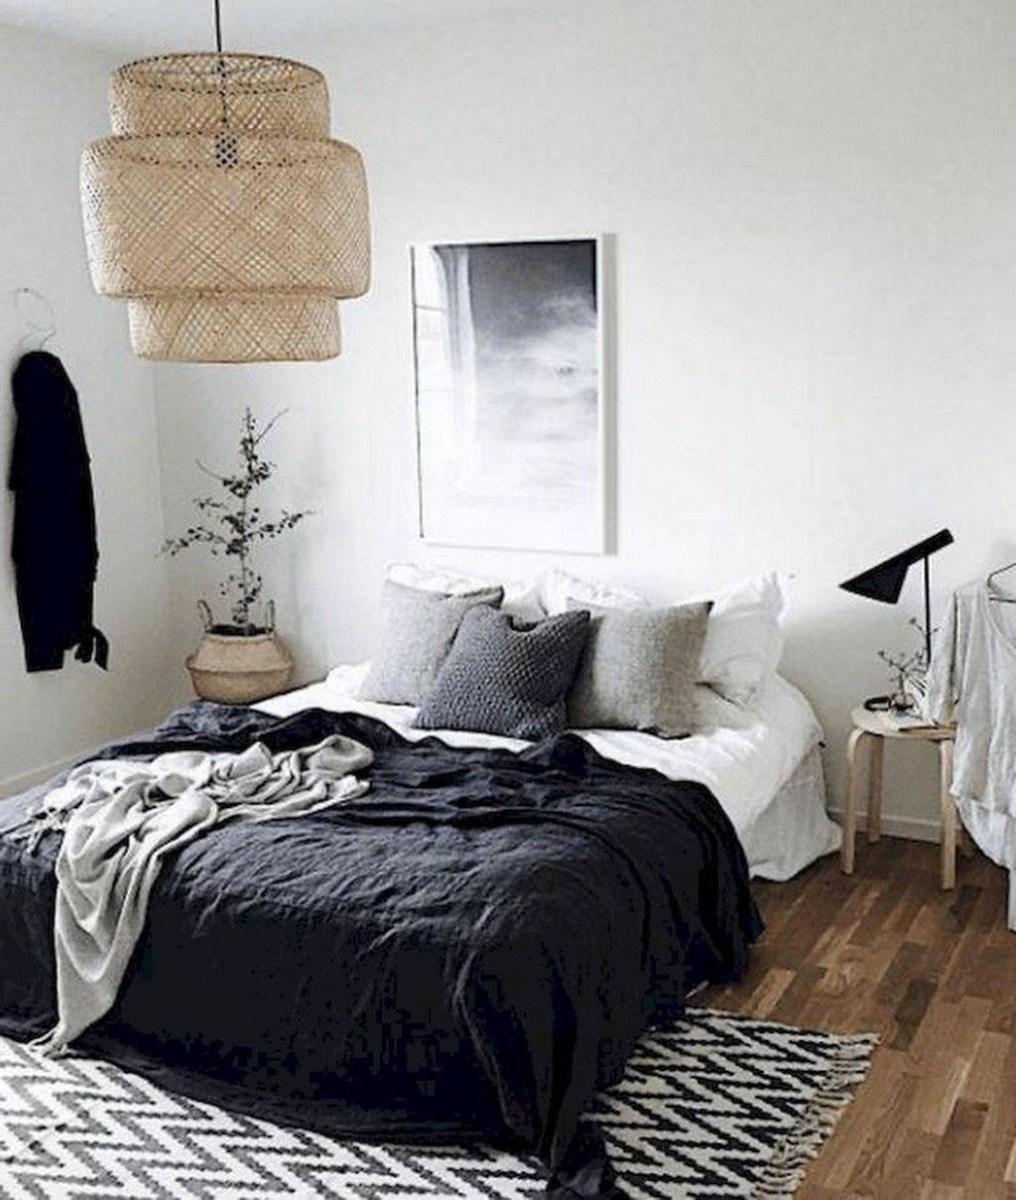 The Best Scandinavian Bedroom Interior Design Ideas 22